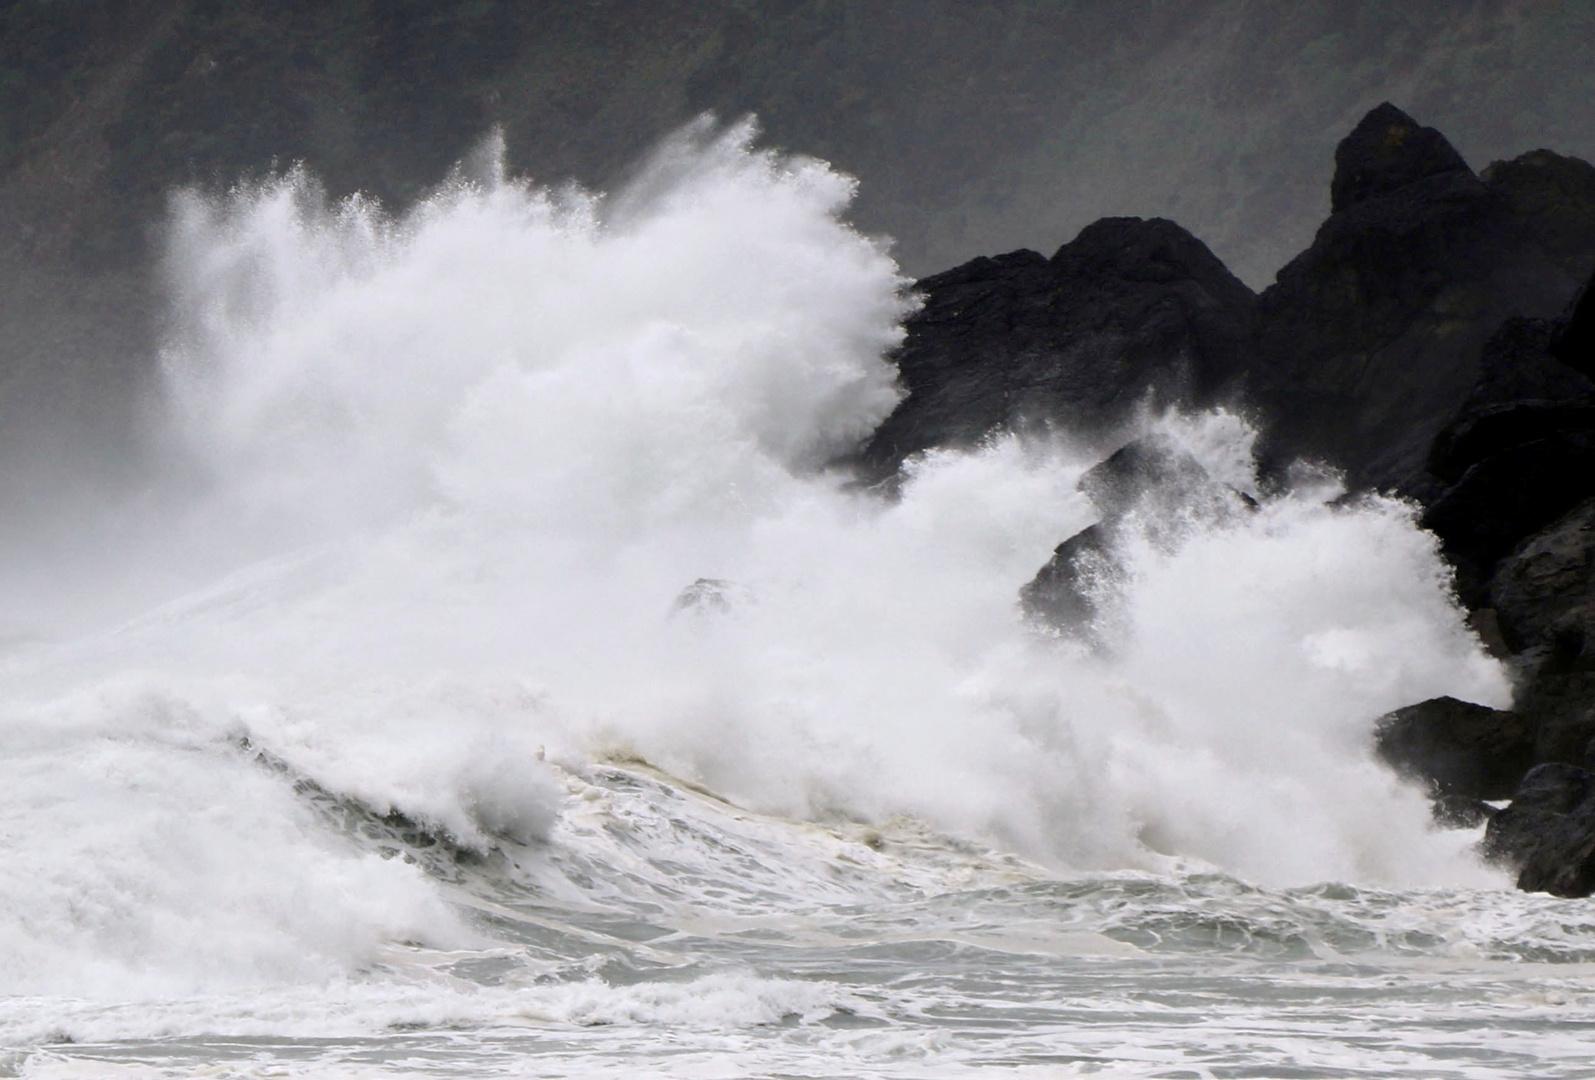 تحذيرات في اليابان من عاصفة استوائية ستحدث طقسا عاصفا وأمواجا عالية